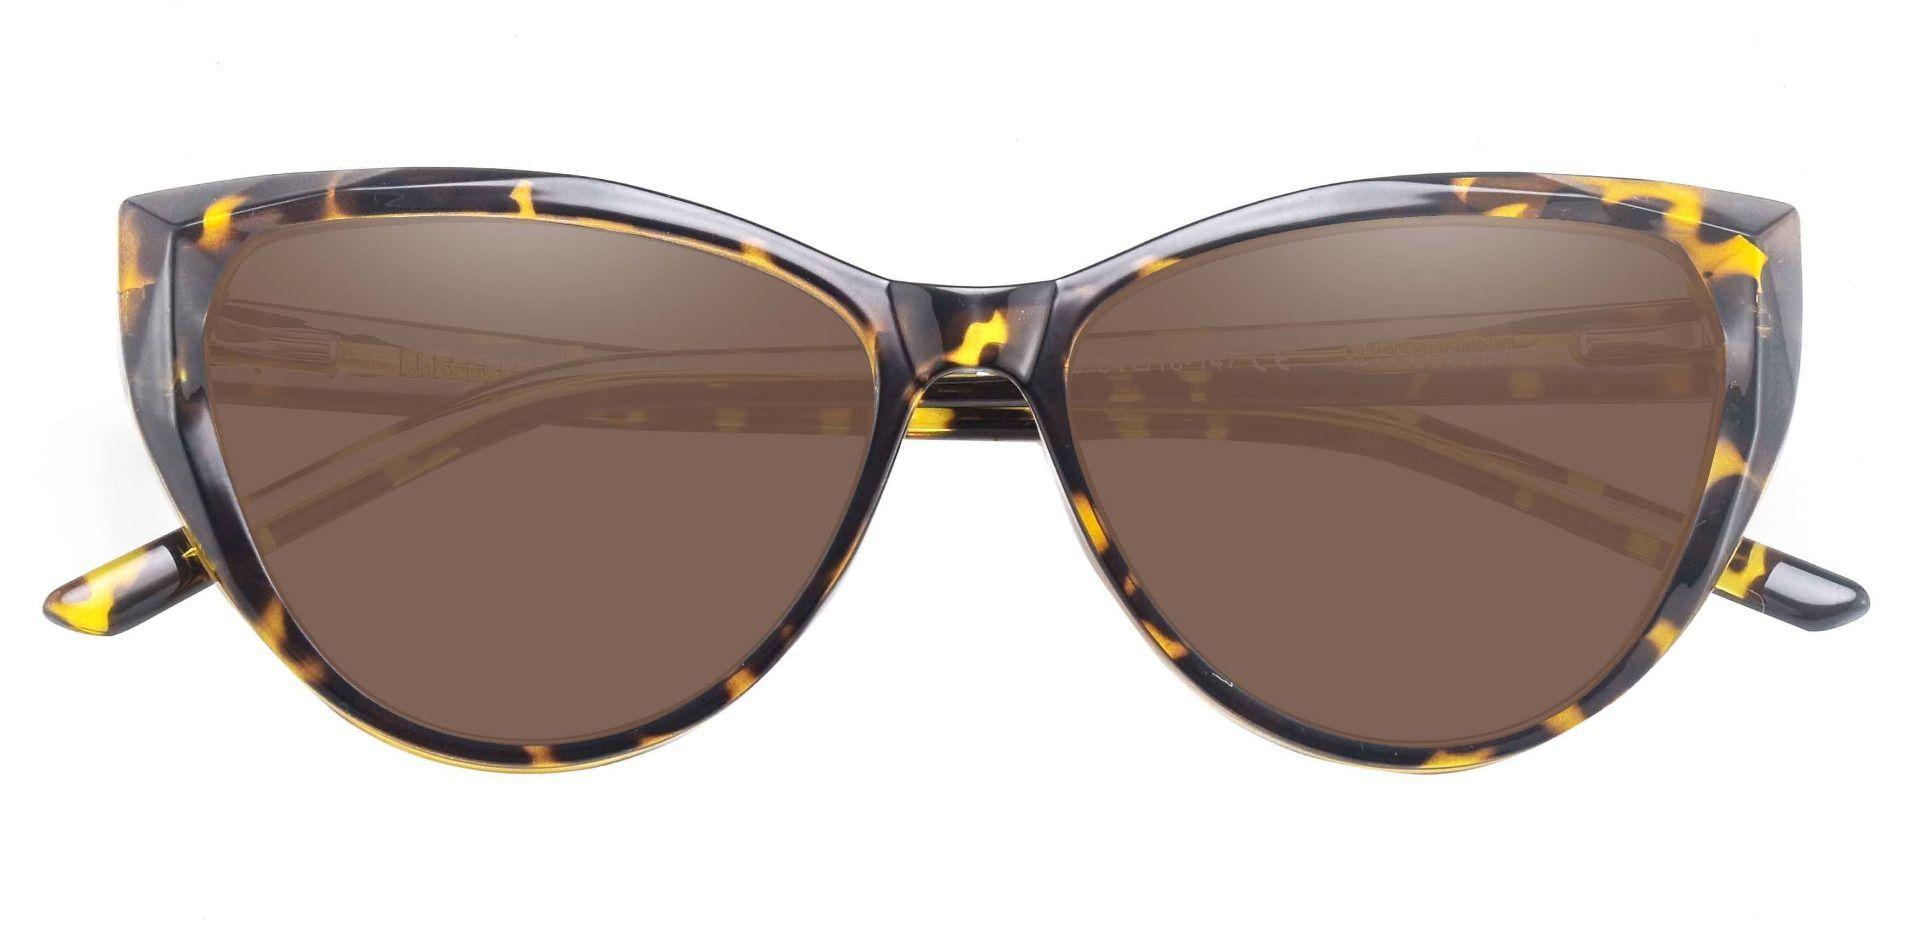 Ireland Cat Eye Prescription Sunglasses - Tortoise Frame With Brown Lenses